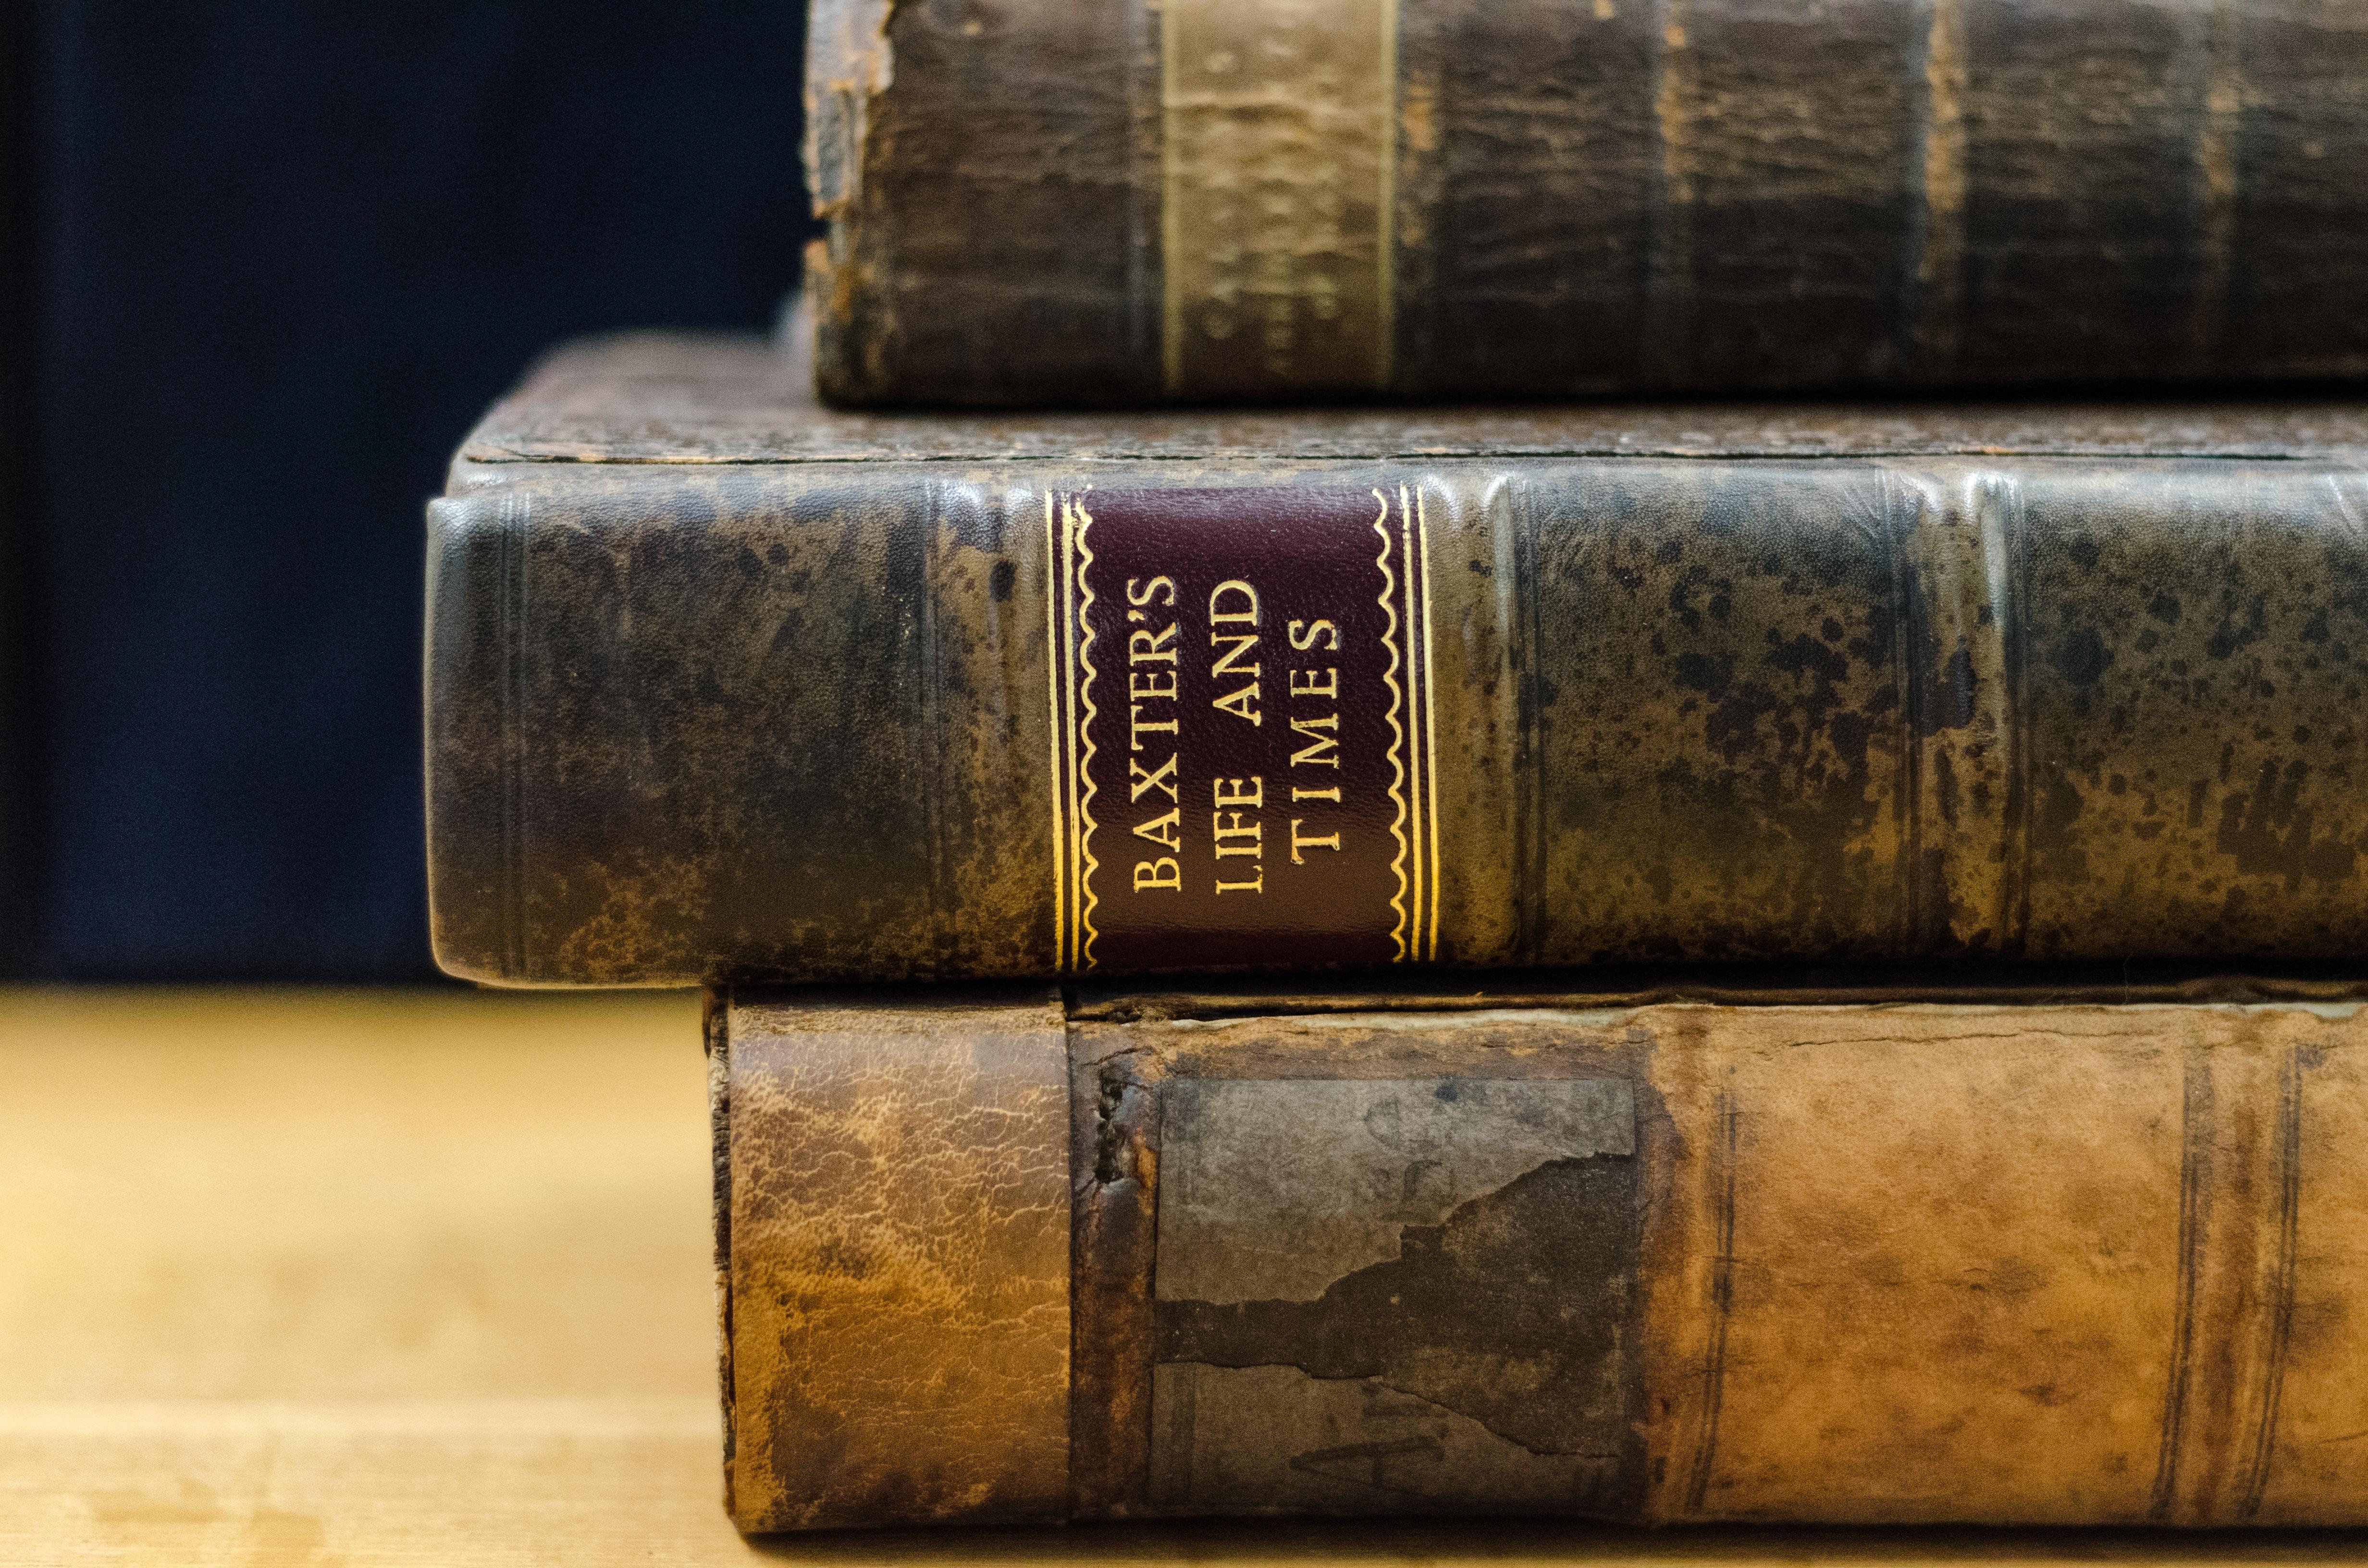 New Rare Books Research Guide